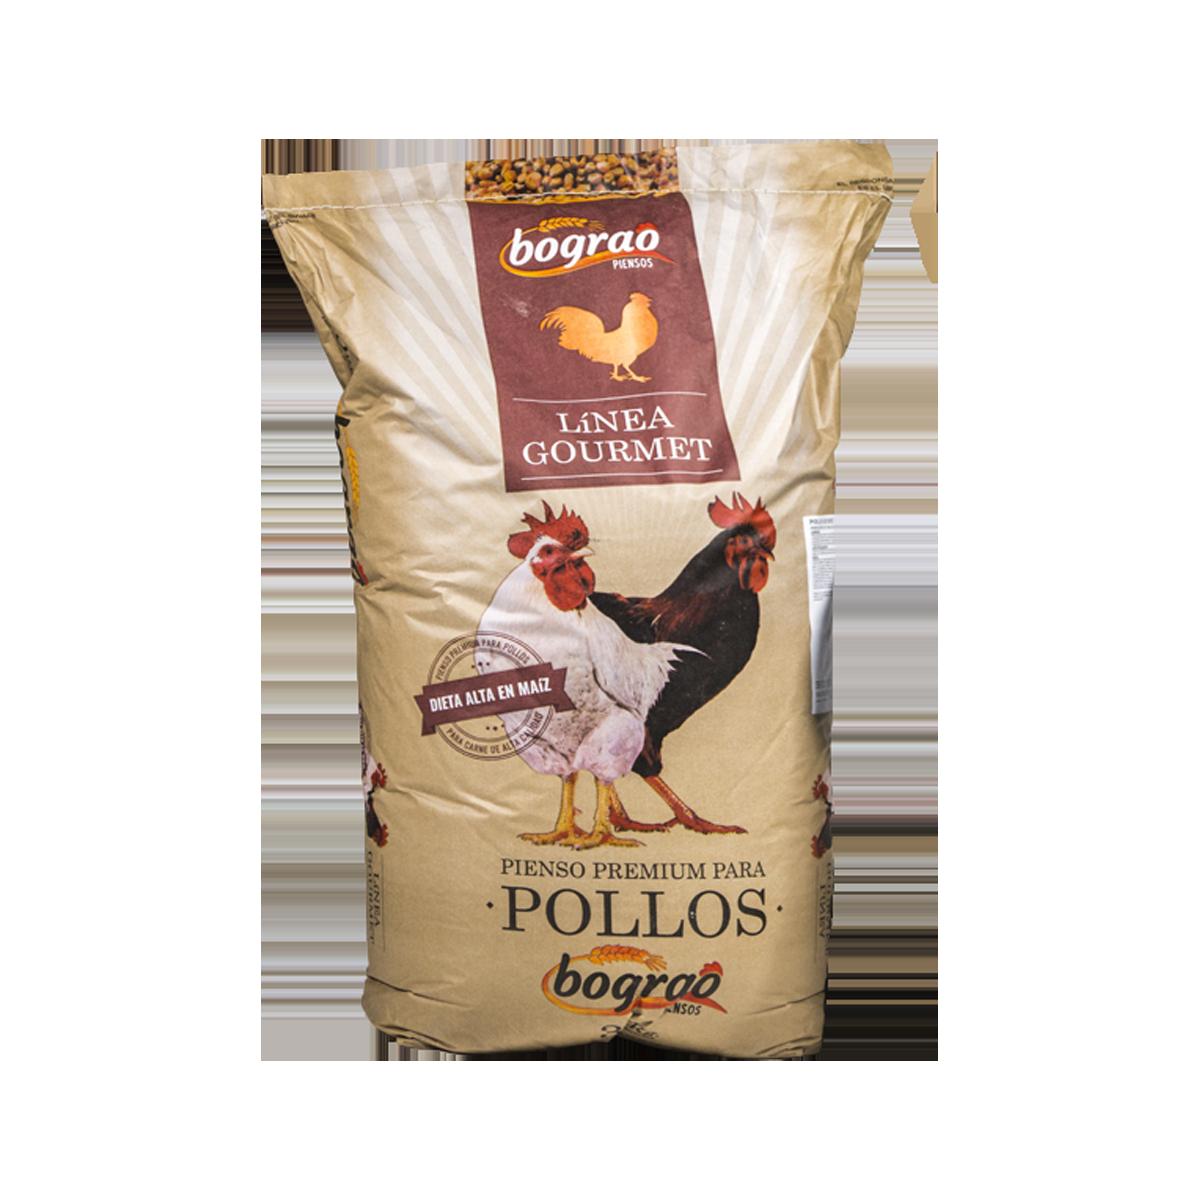 saco pollos gourmet Piensos Bograo